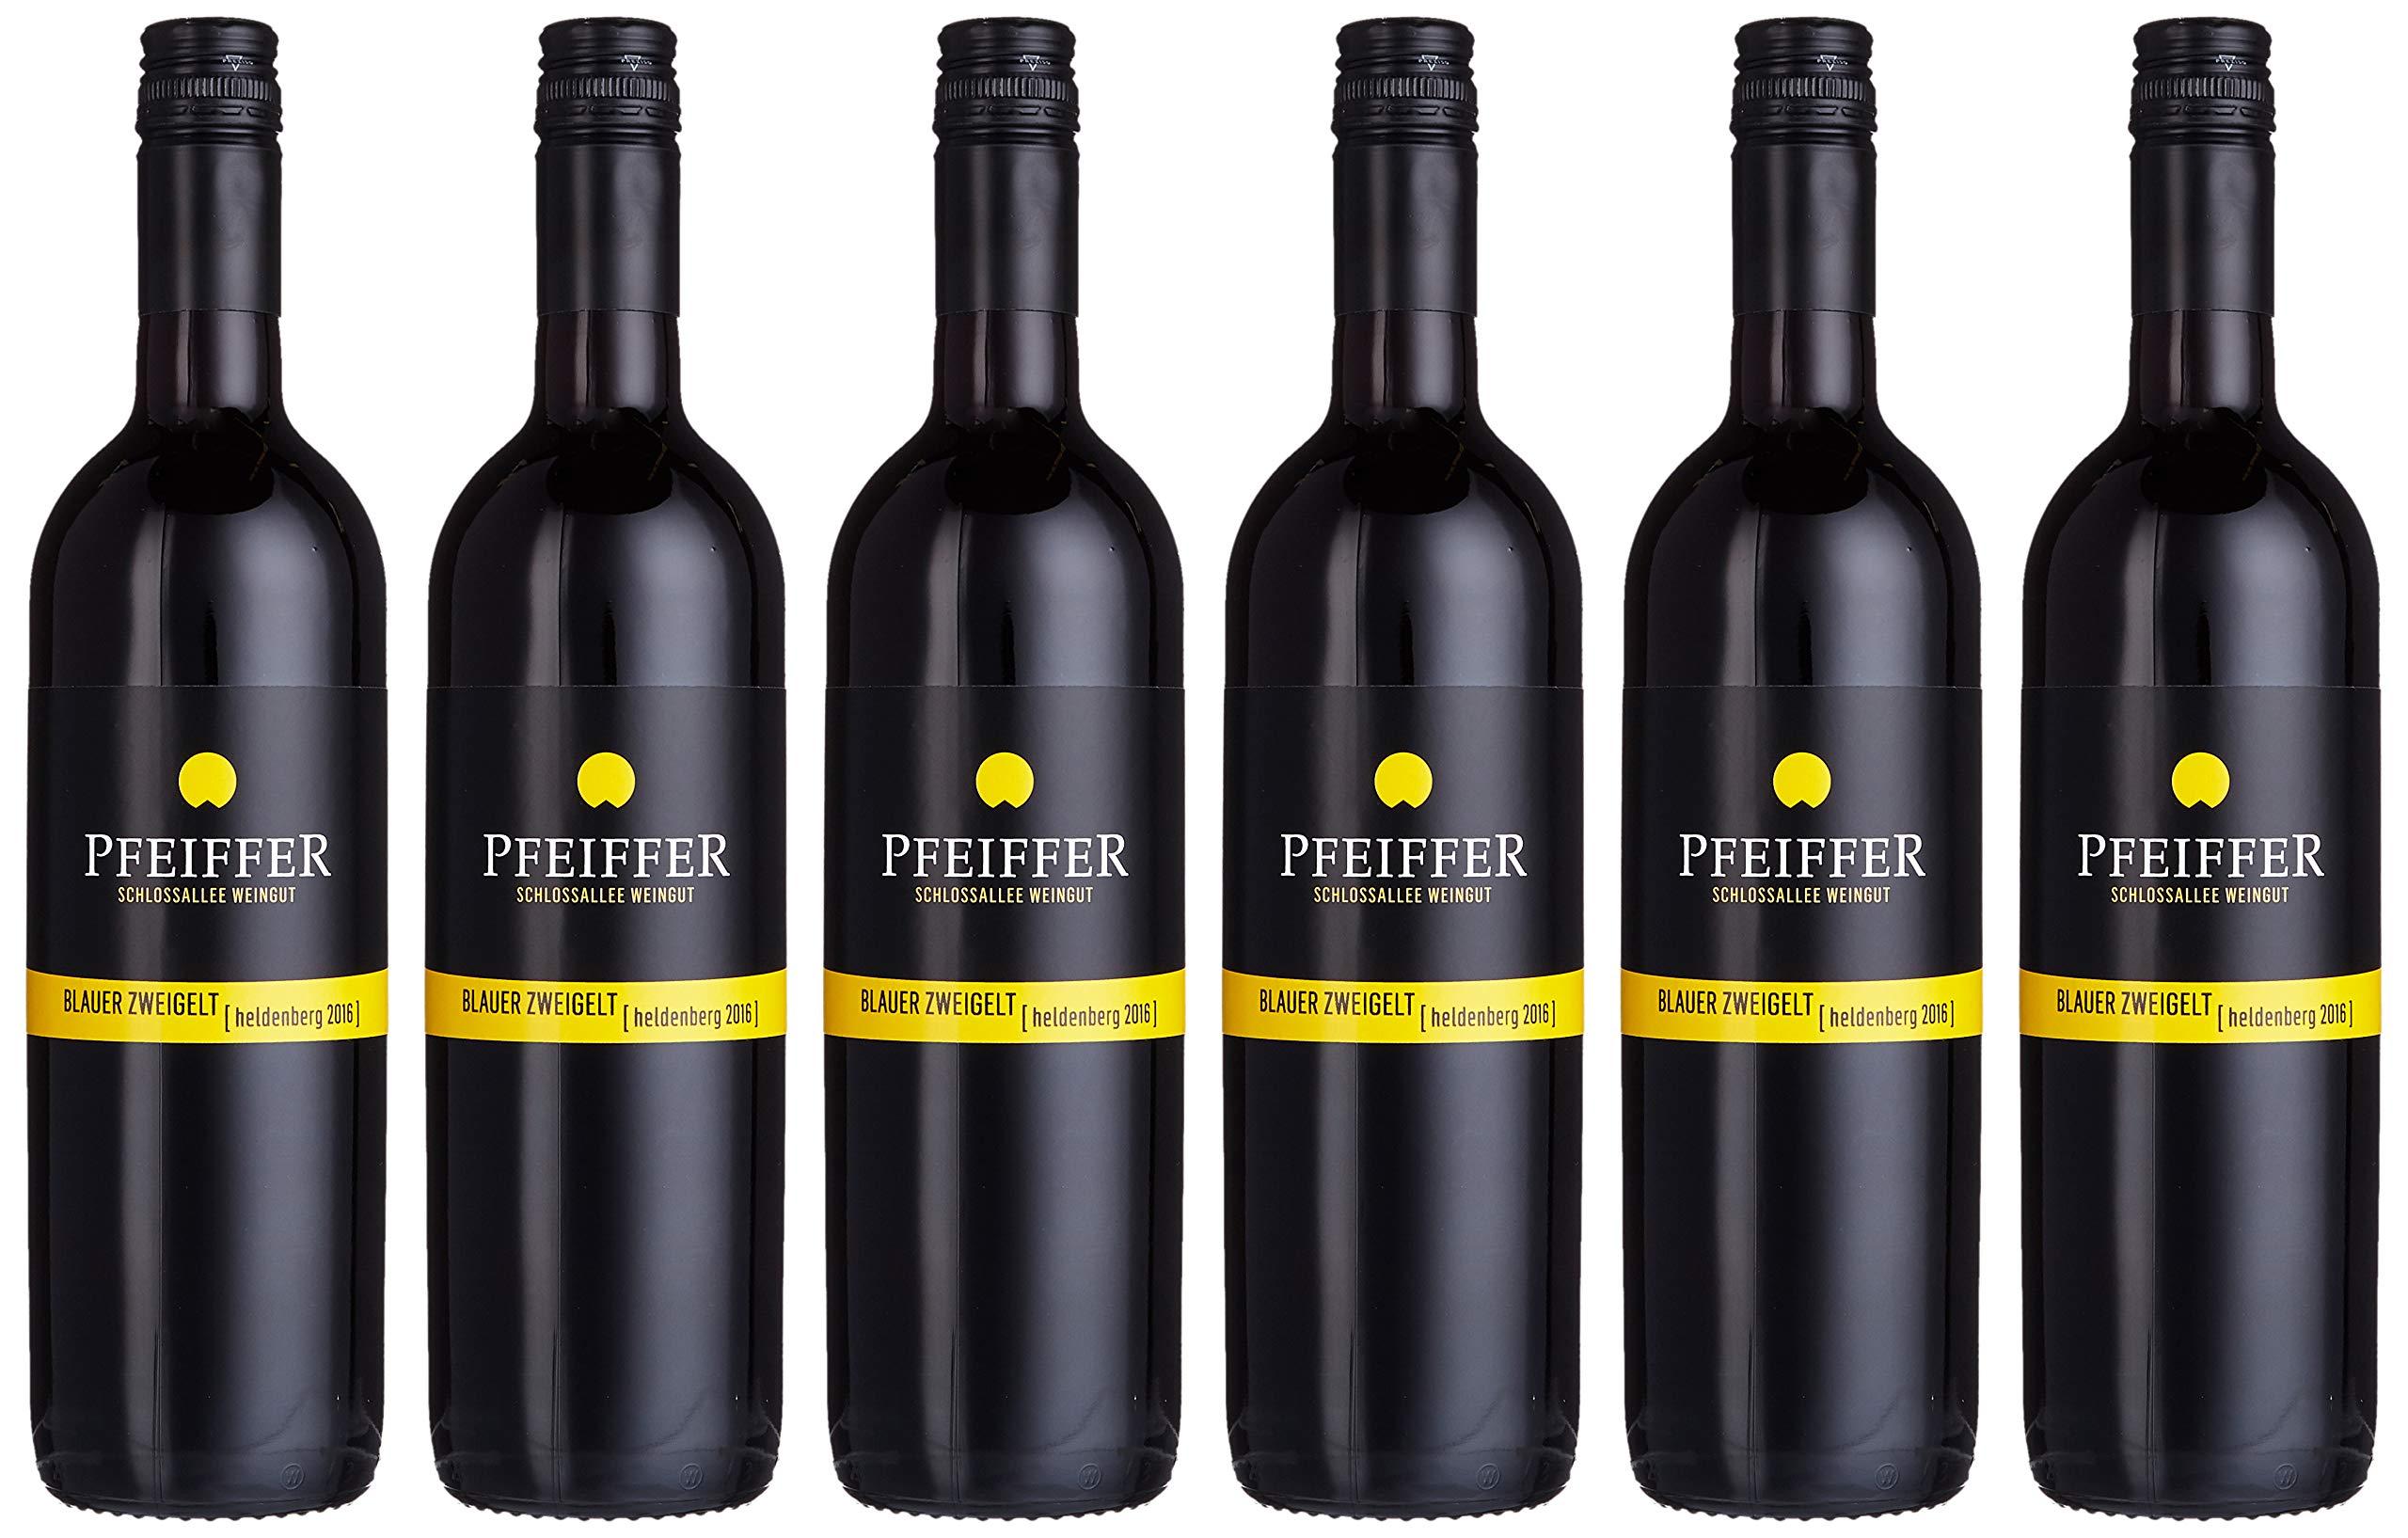 Schlossallee-Pfeiffer-Heldenberg-aus-den-Weingrten-rund-um-Kleinwetzdorf-blaue-Zweigelt-trocken-6-x-075-l